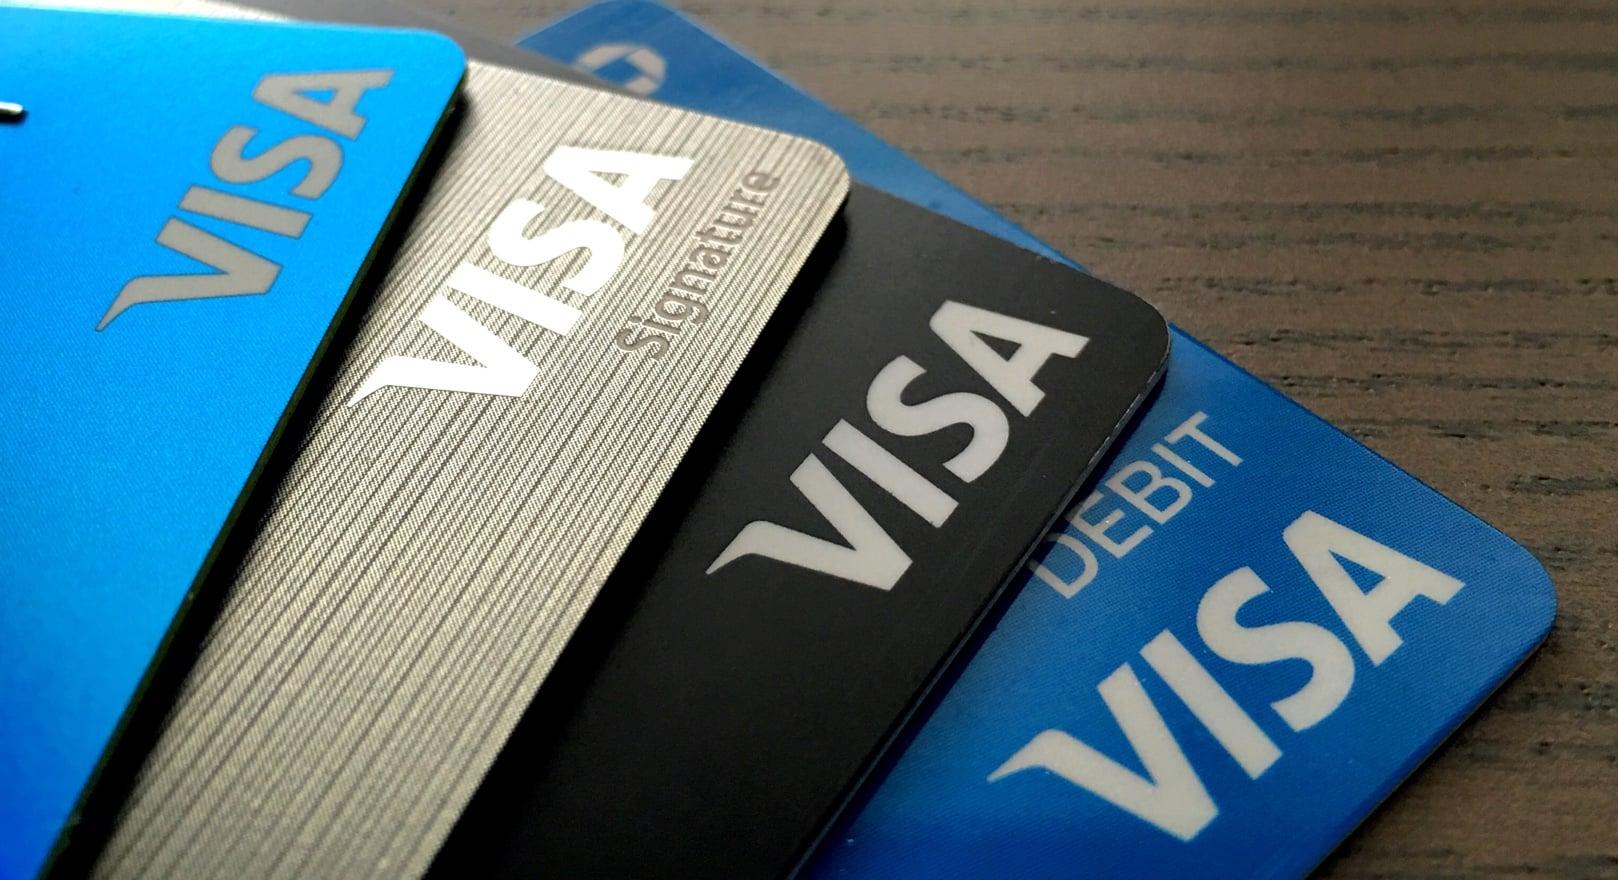 Startup e Visa lançam cartão de crédito com recompensa em bitcoin